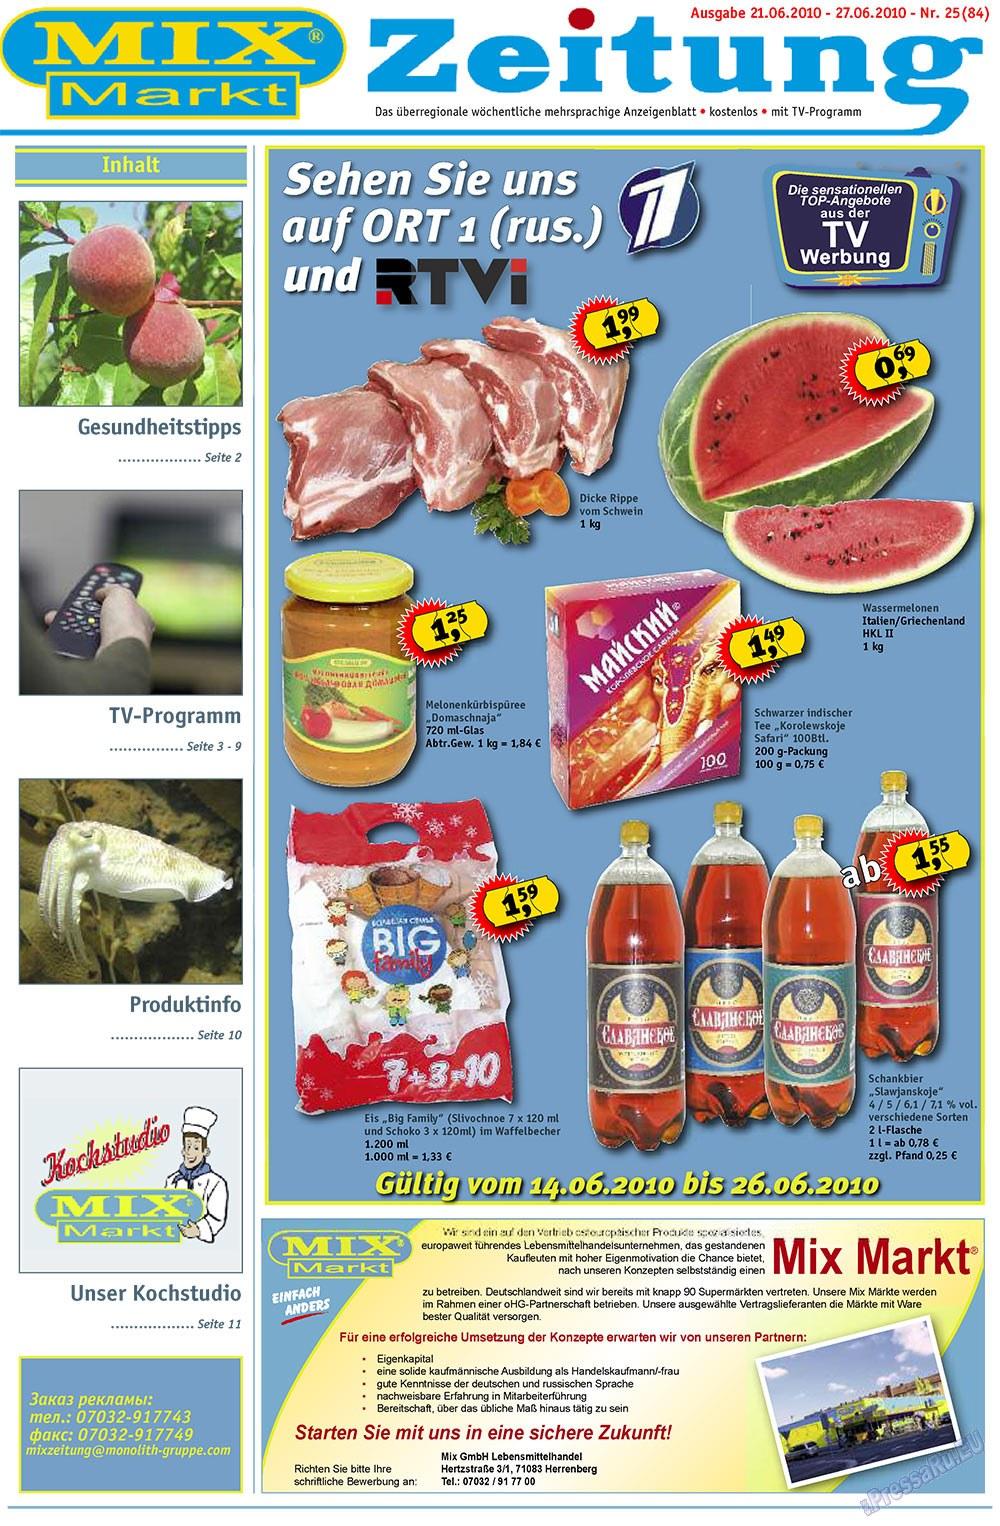 MIX-Markt Zeitung (газета). 2010 год, номер 25, стр. 1